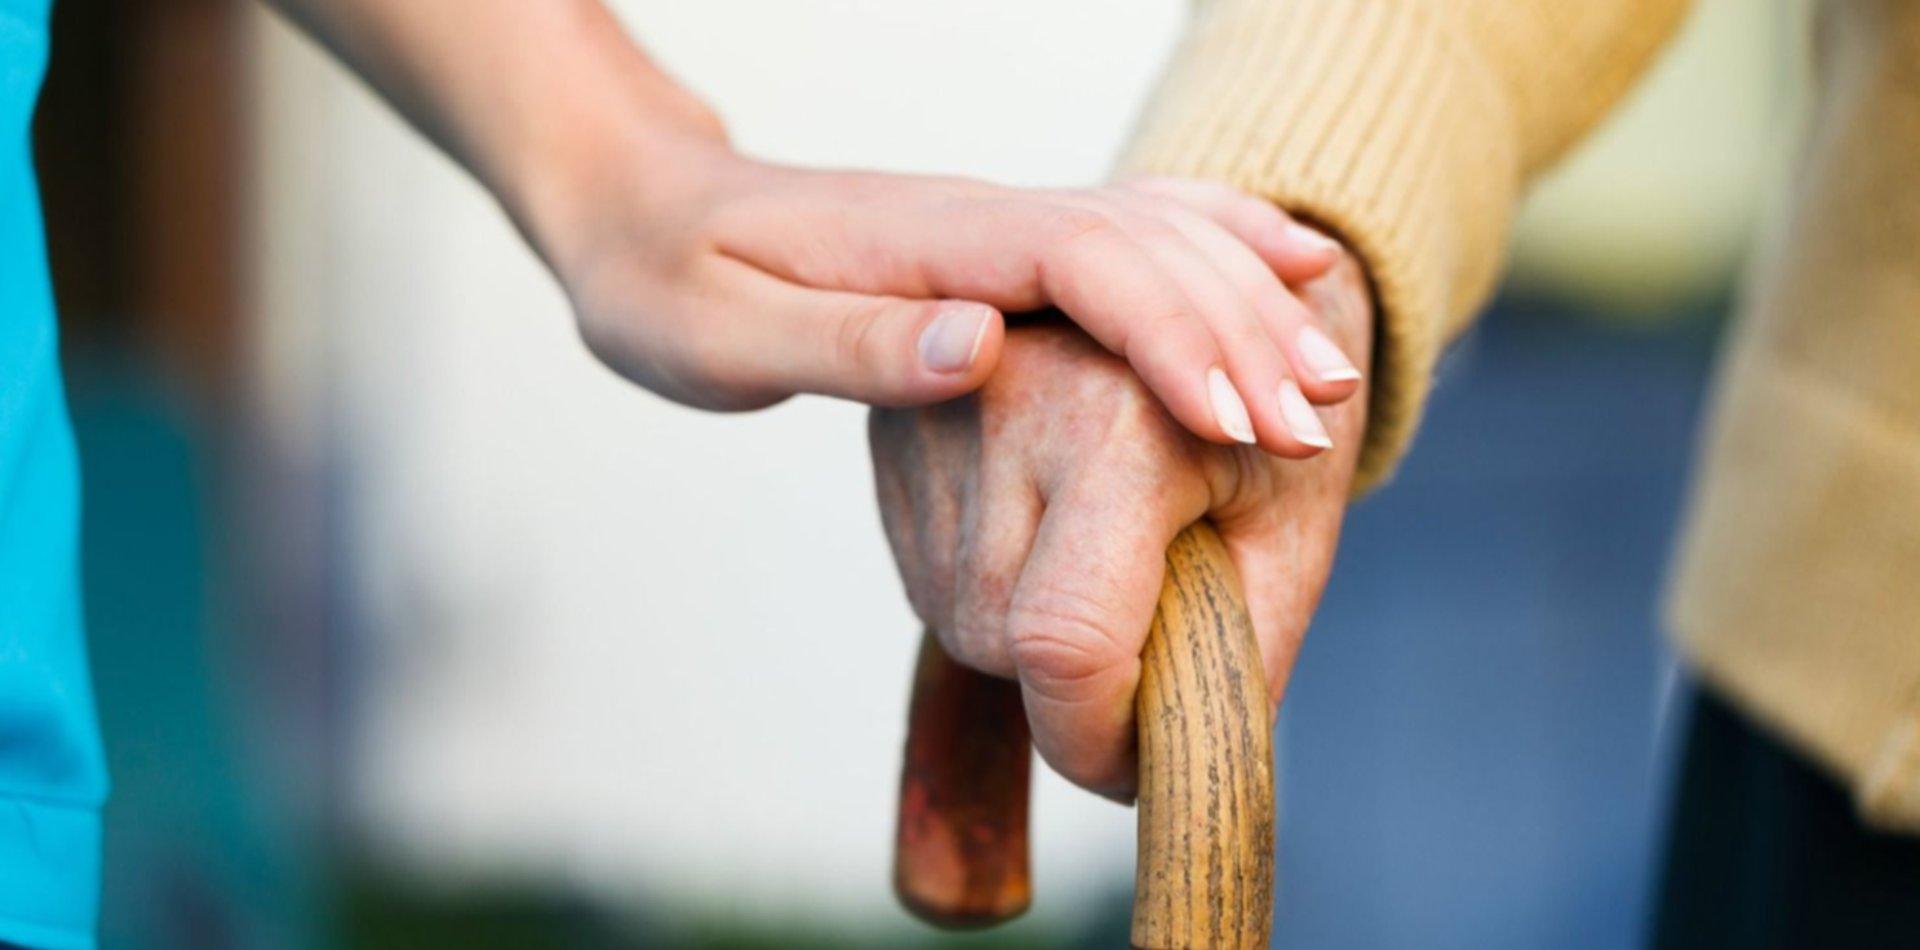 Realizarán charlas y una jornada de capacitación gratuita sobre el Alzheimer en La Plata